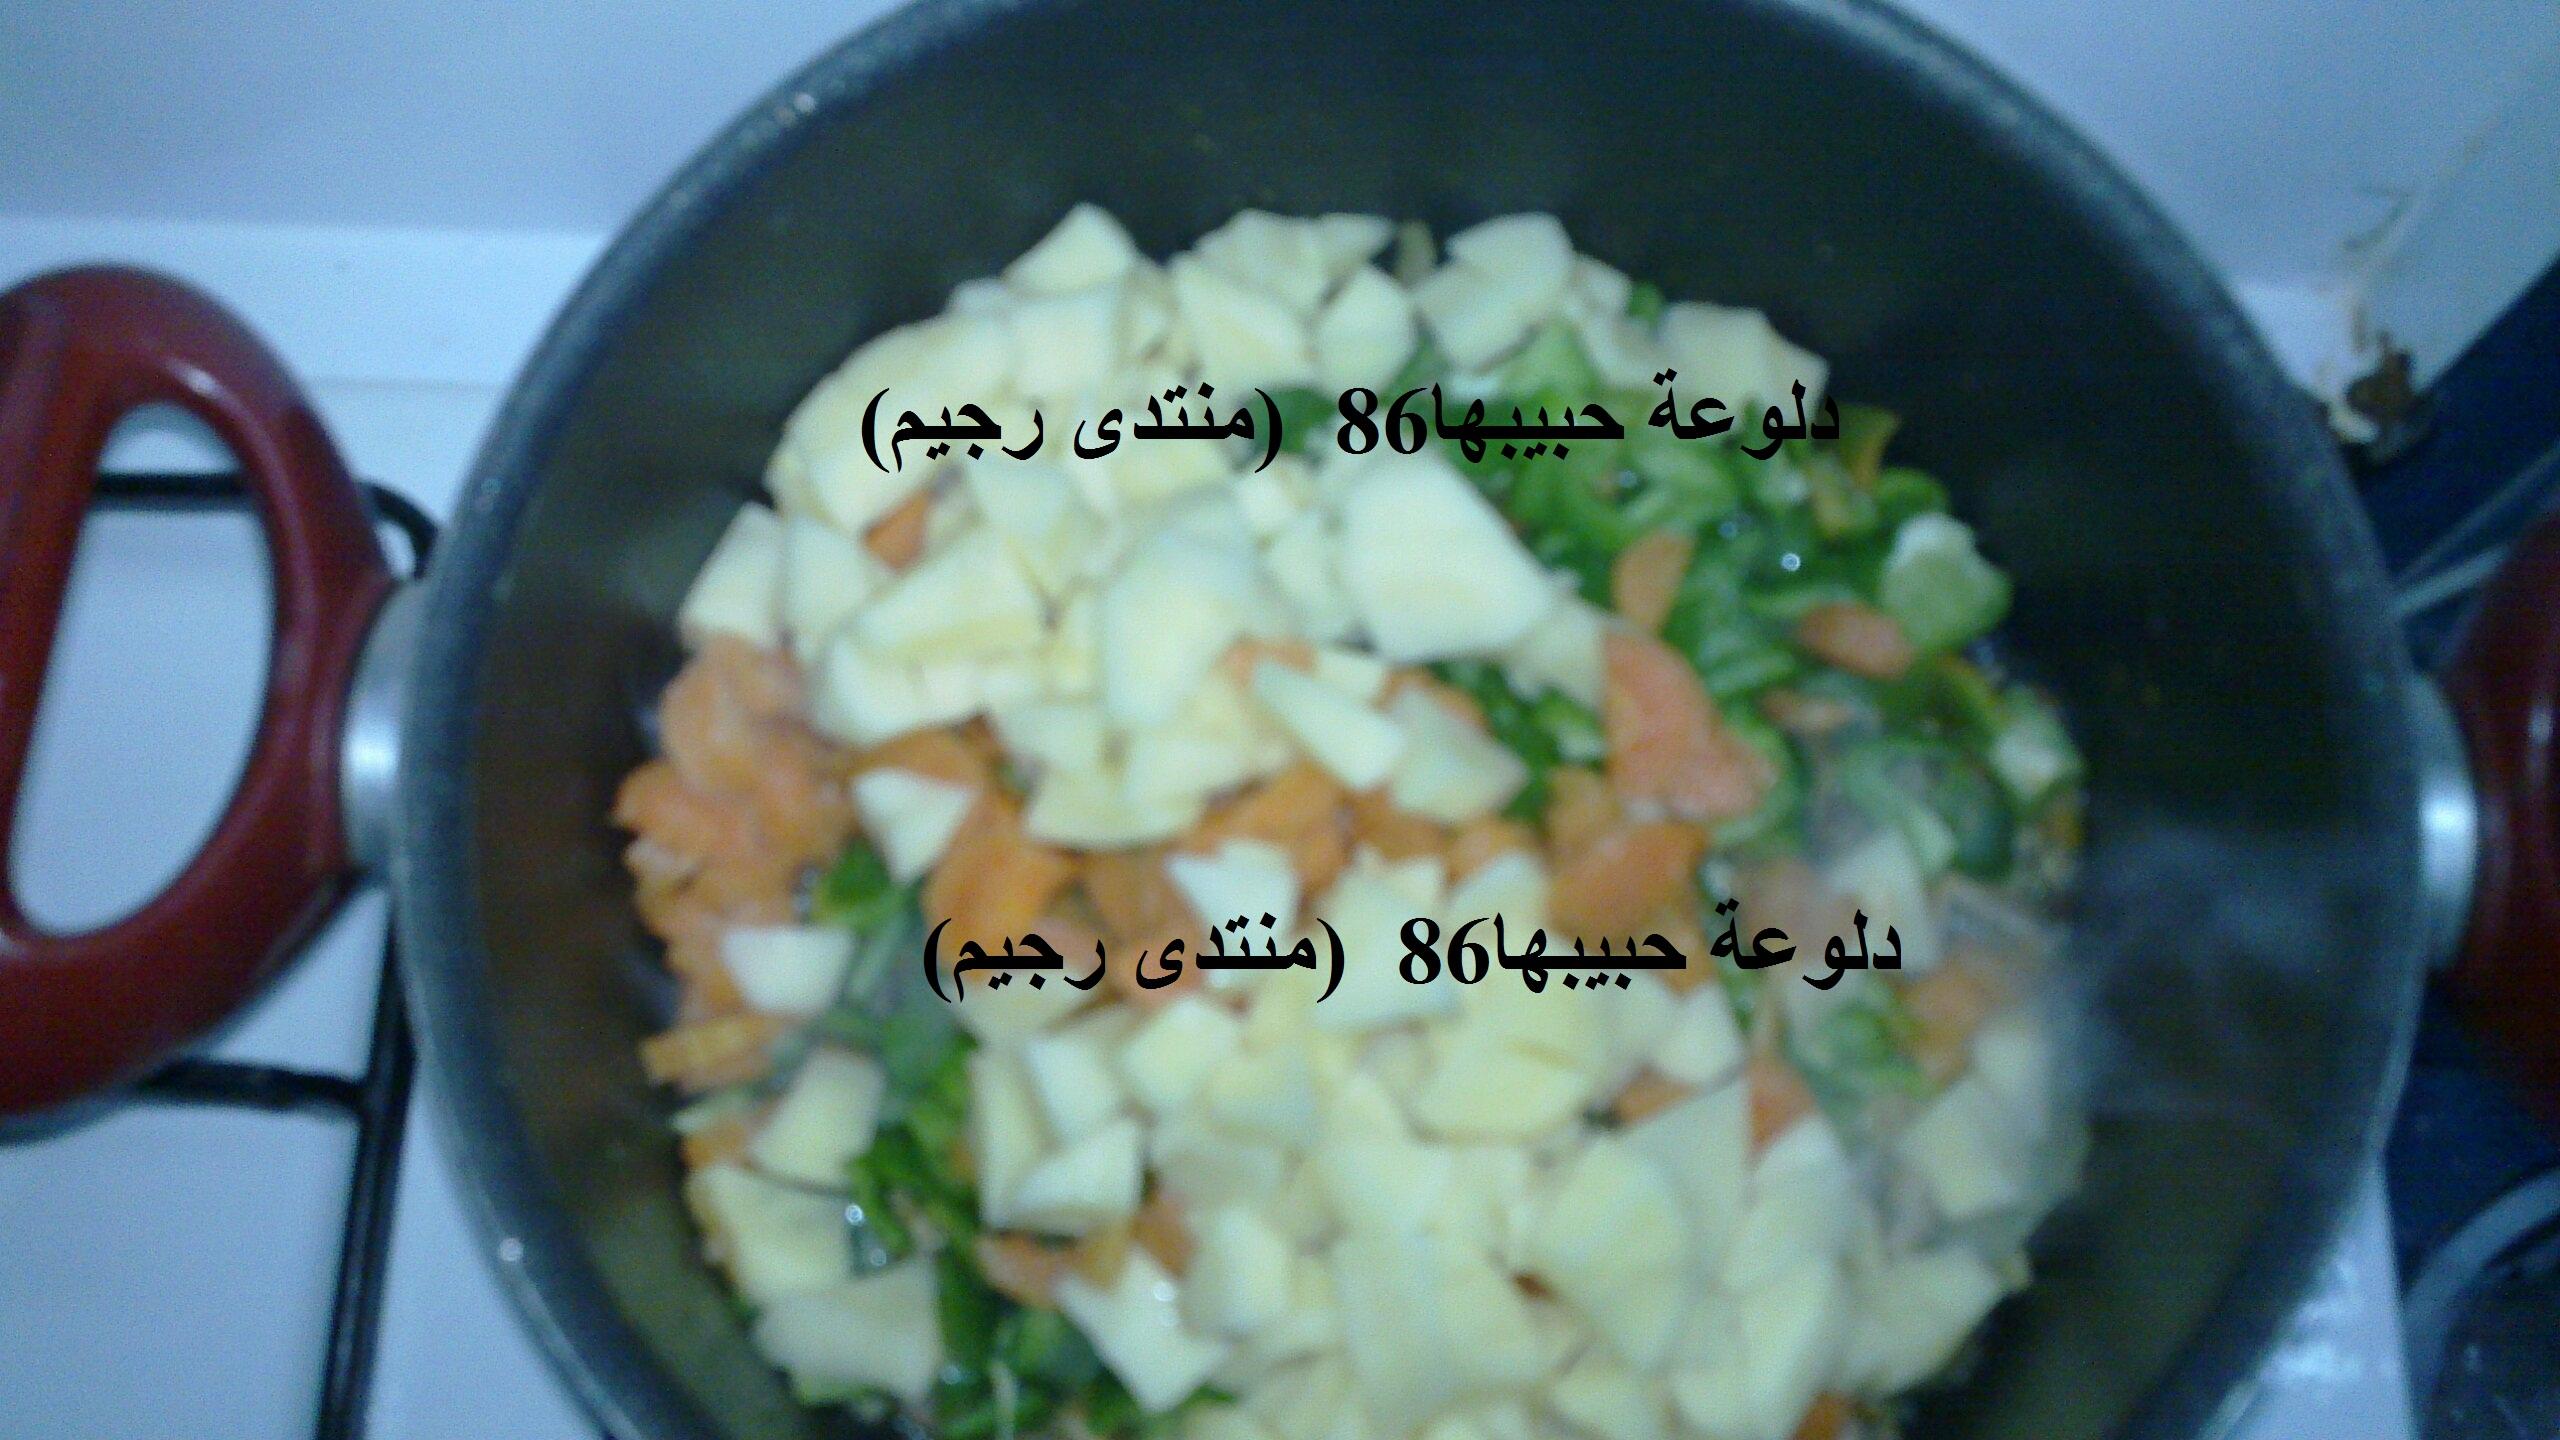 ترياكي الدجاج بالصور من مطبخي روعة 13541442793.jpg